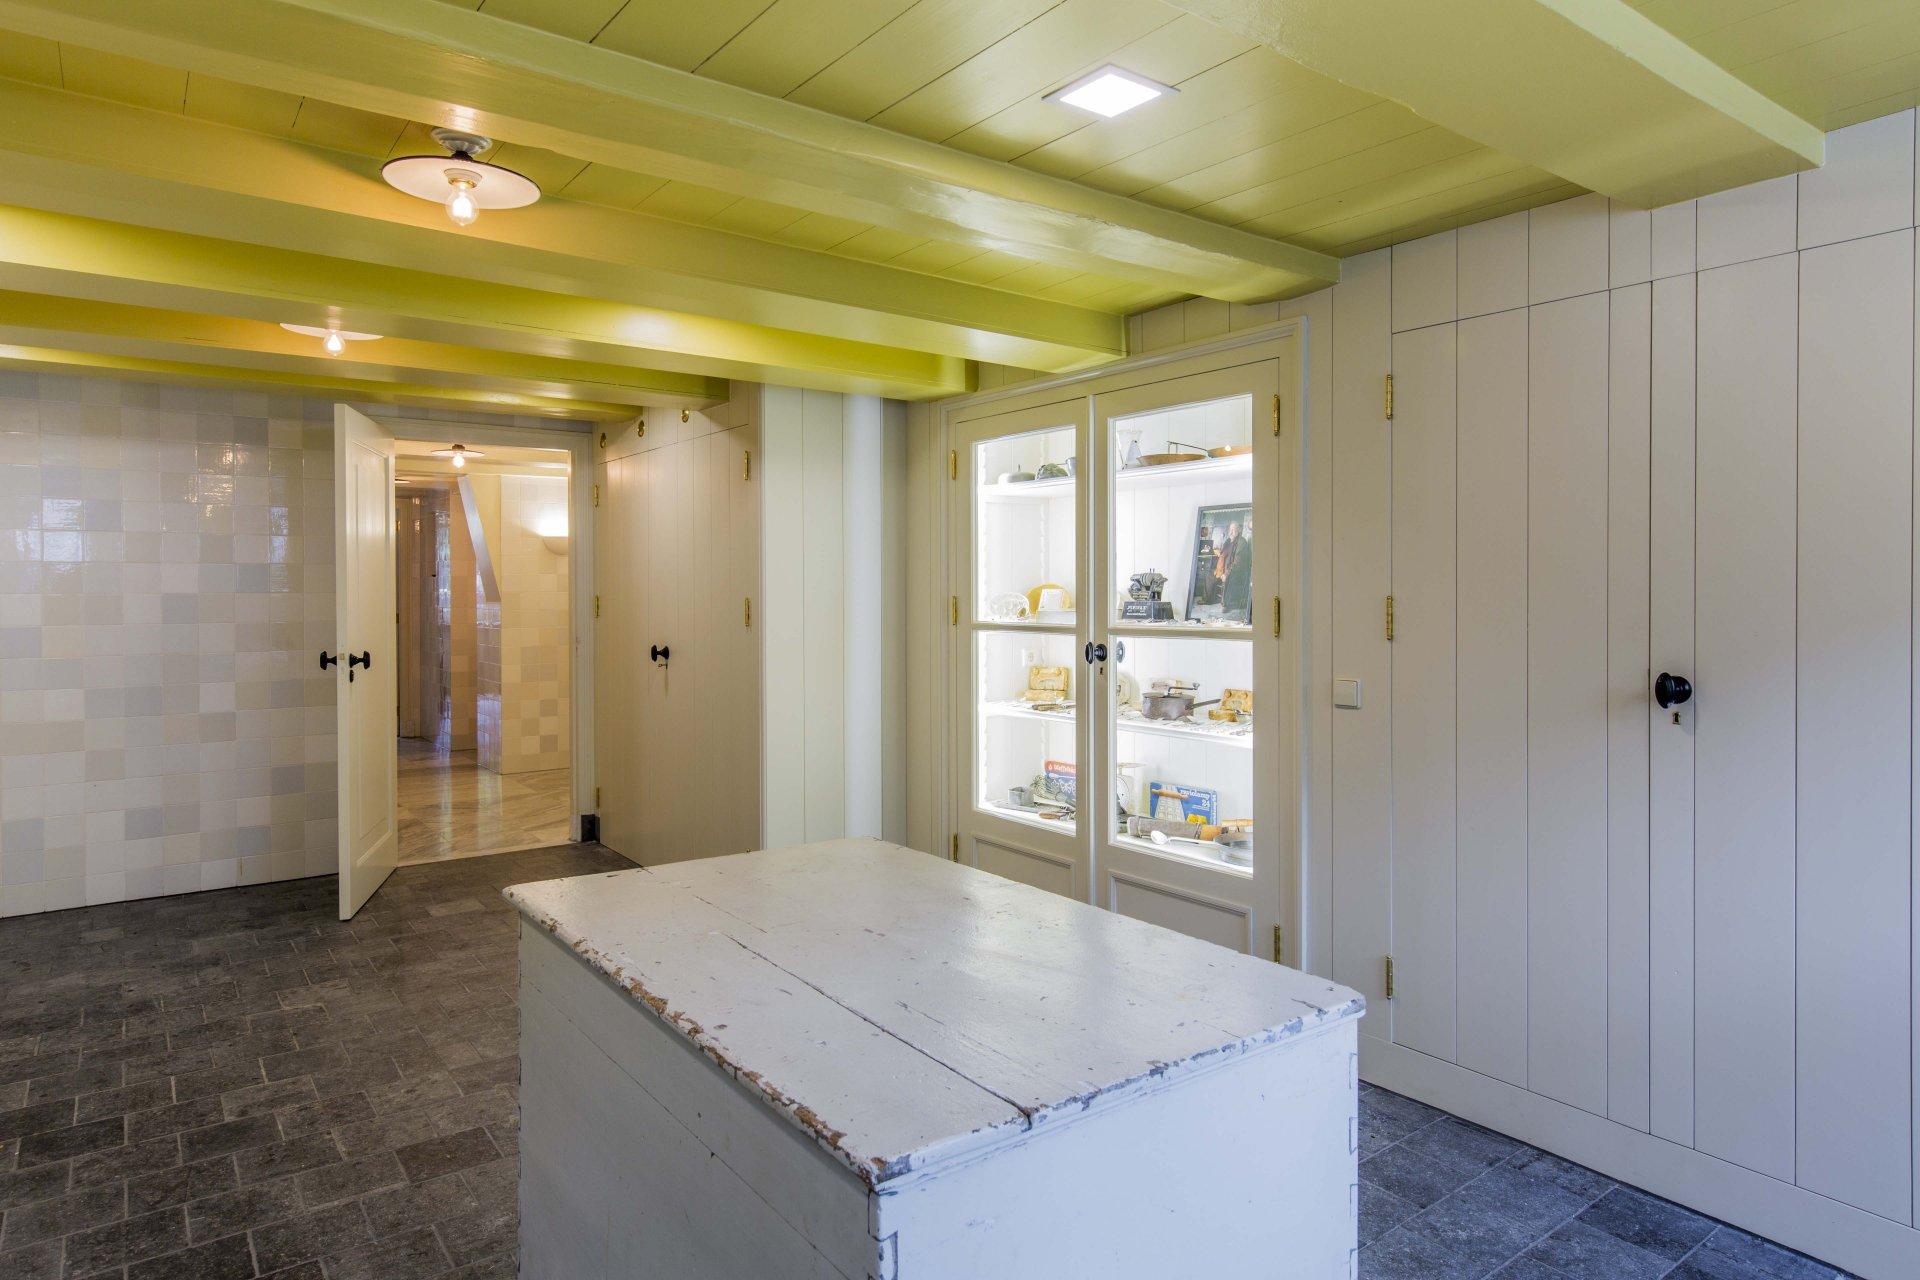 Keuken In Souterrain : Museum van loon programma